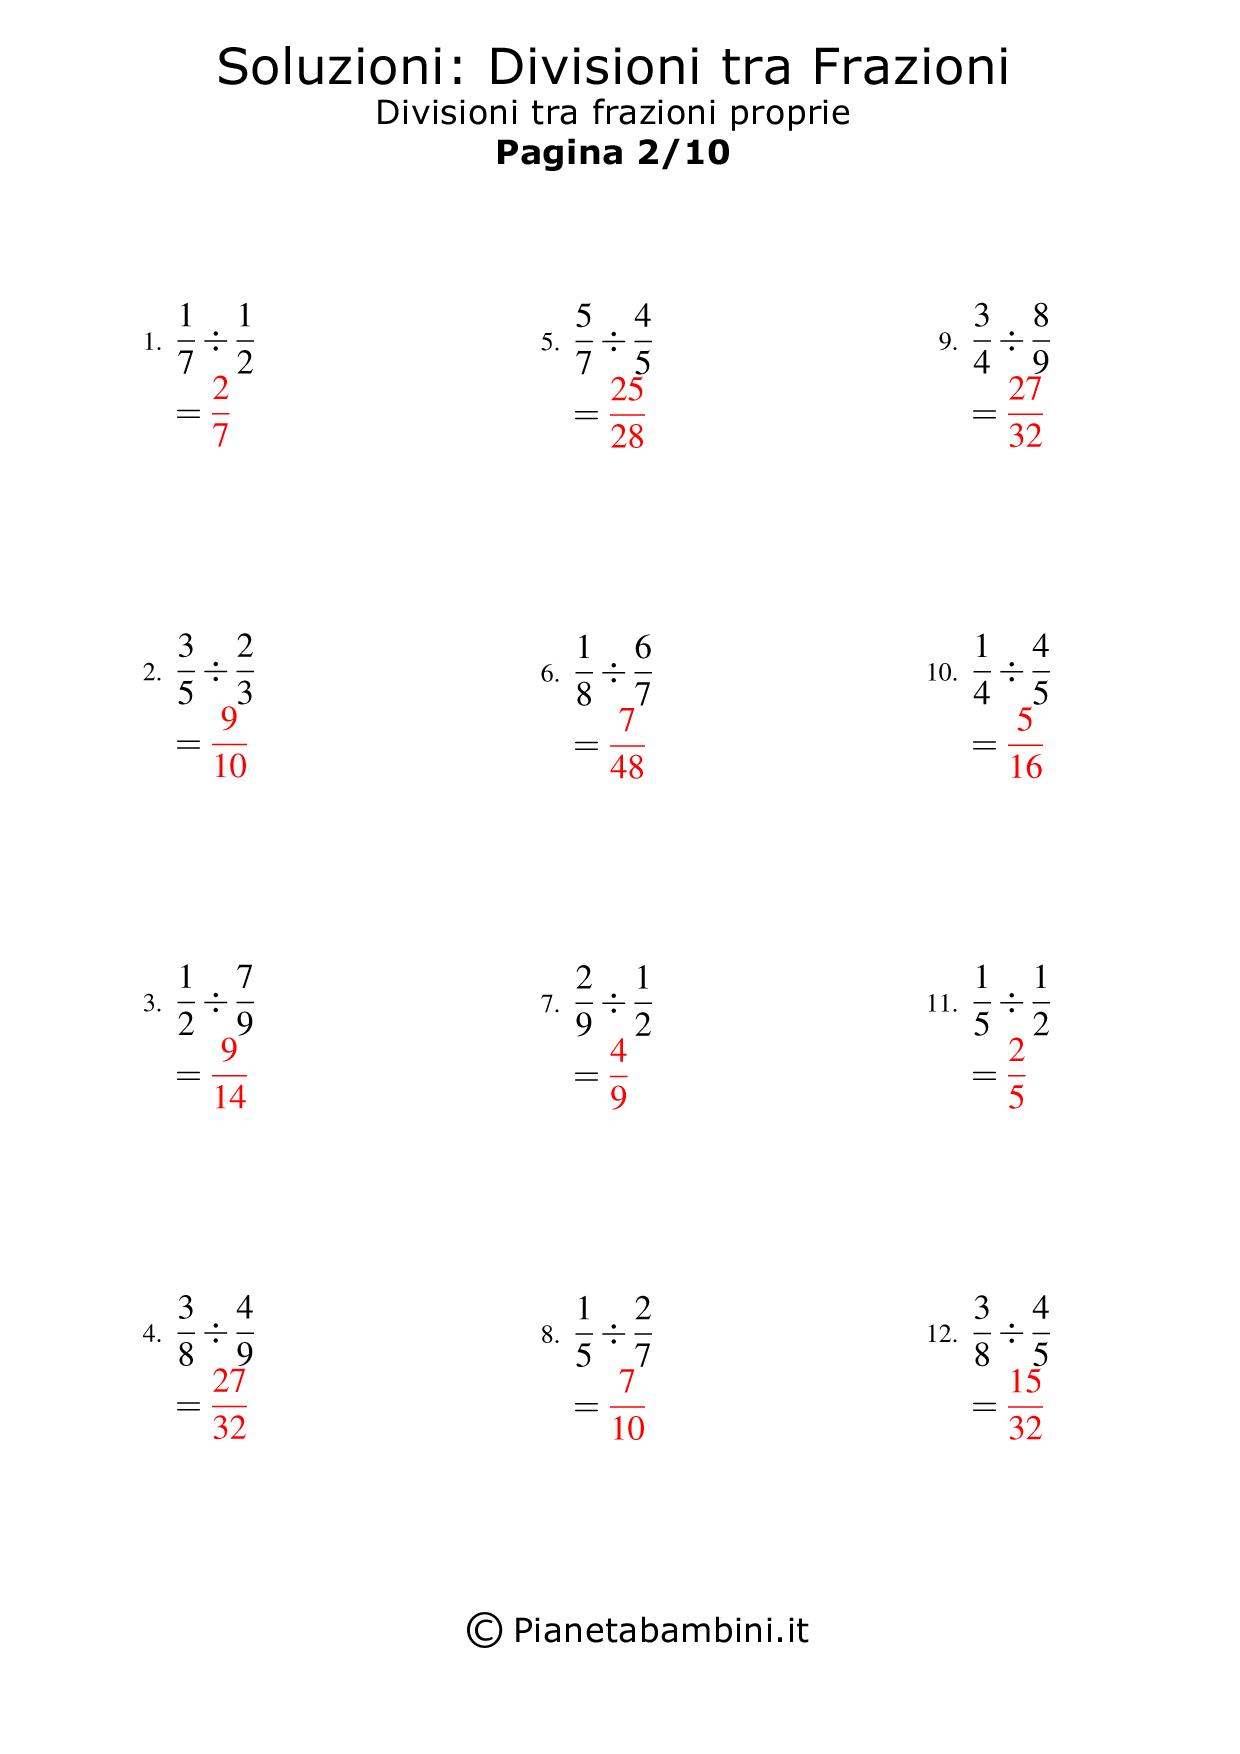 Soluzioni-Divisioni-Frazioni-Proprie_02